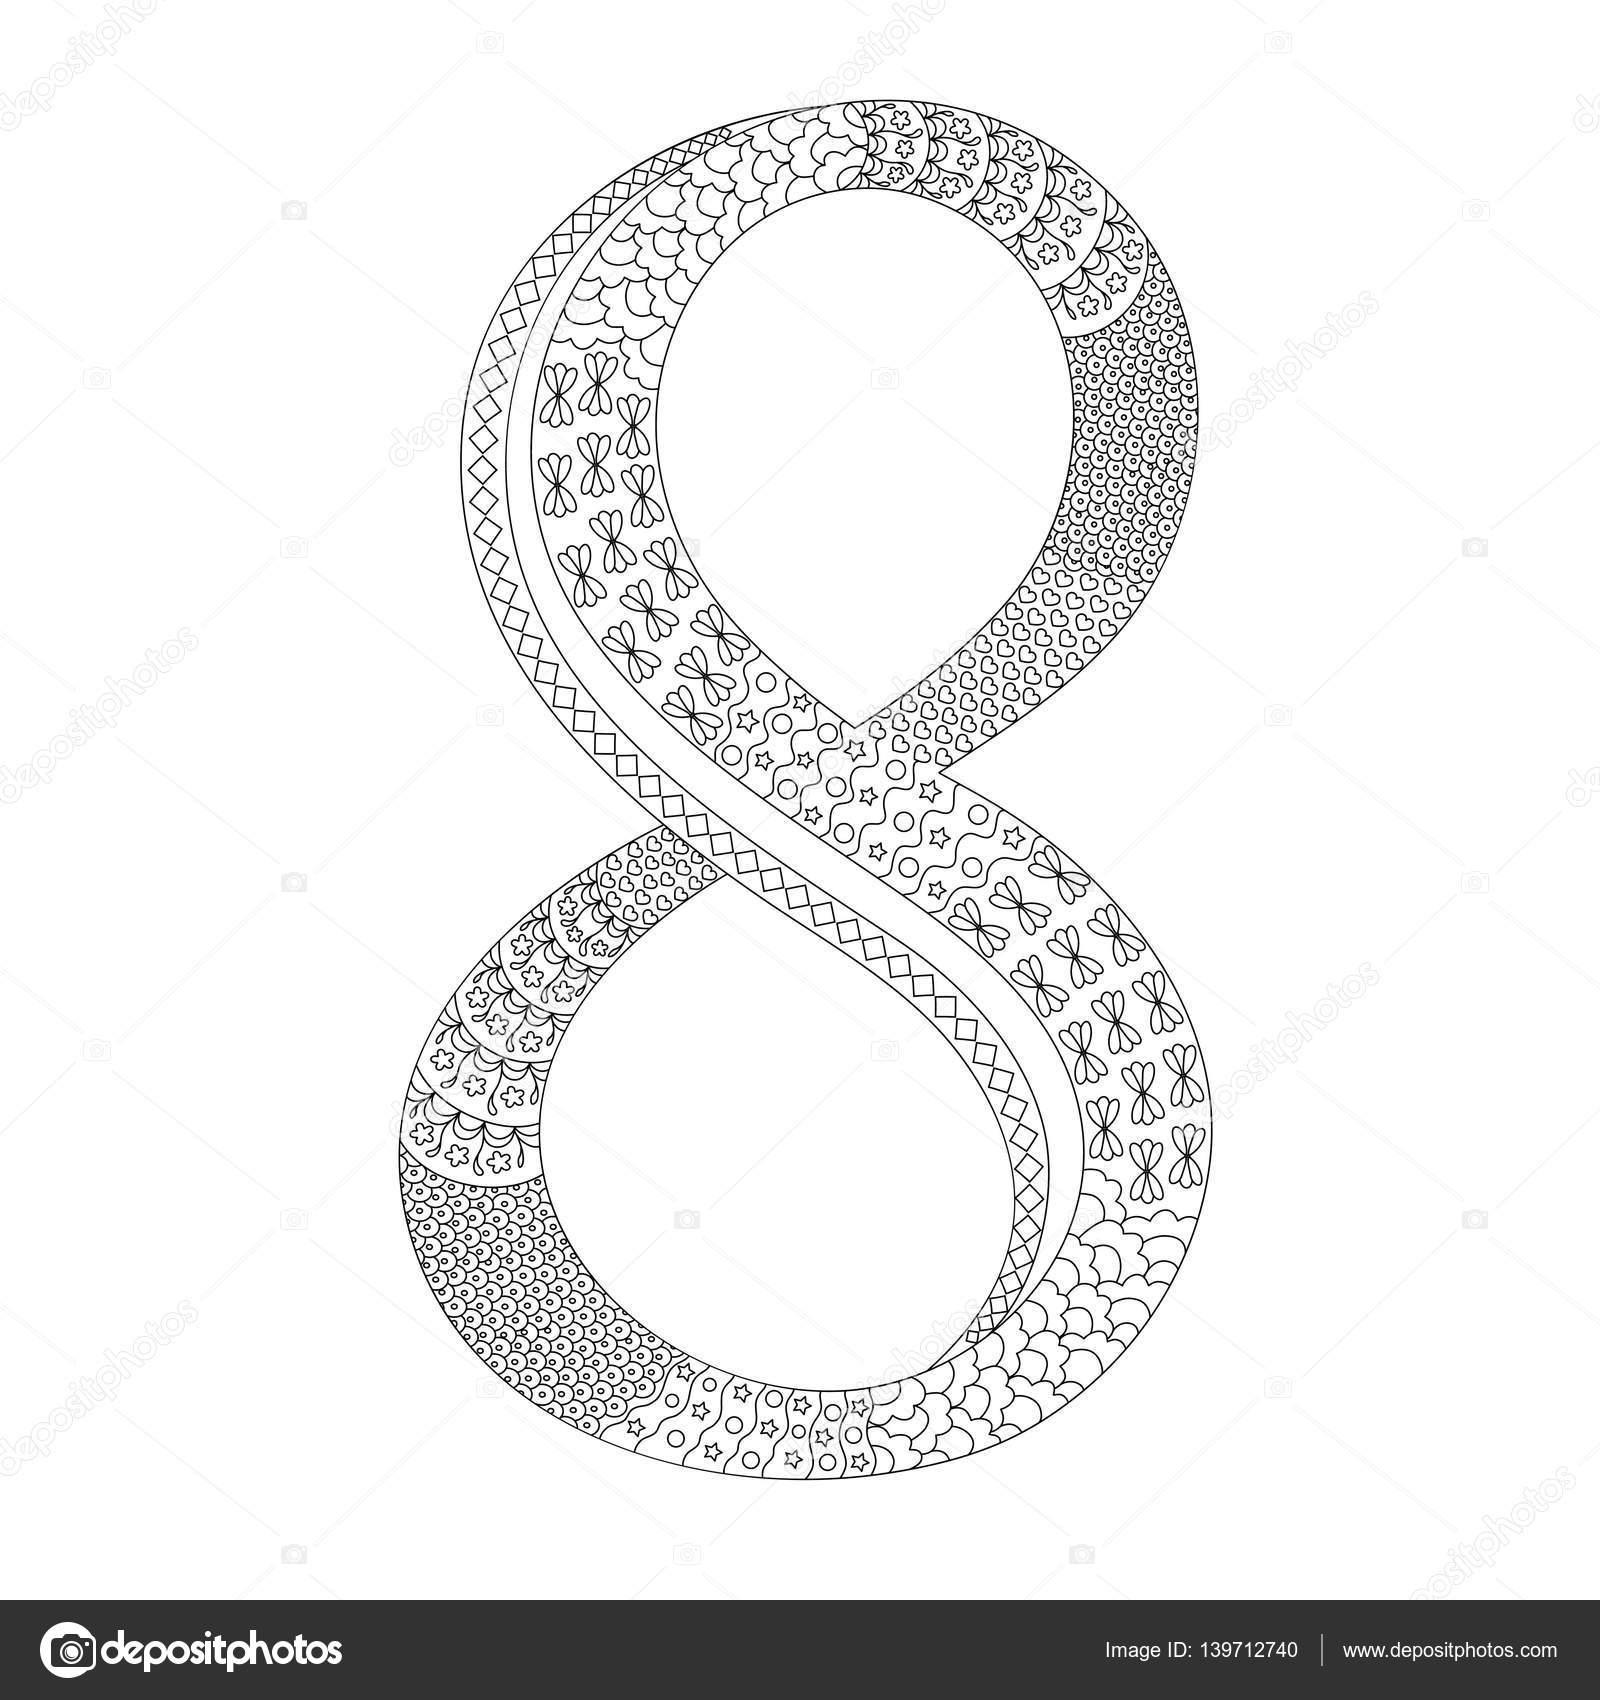 kleurplaat met het cijfer 8 tekenen doodle